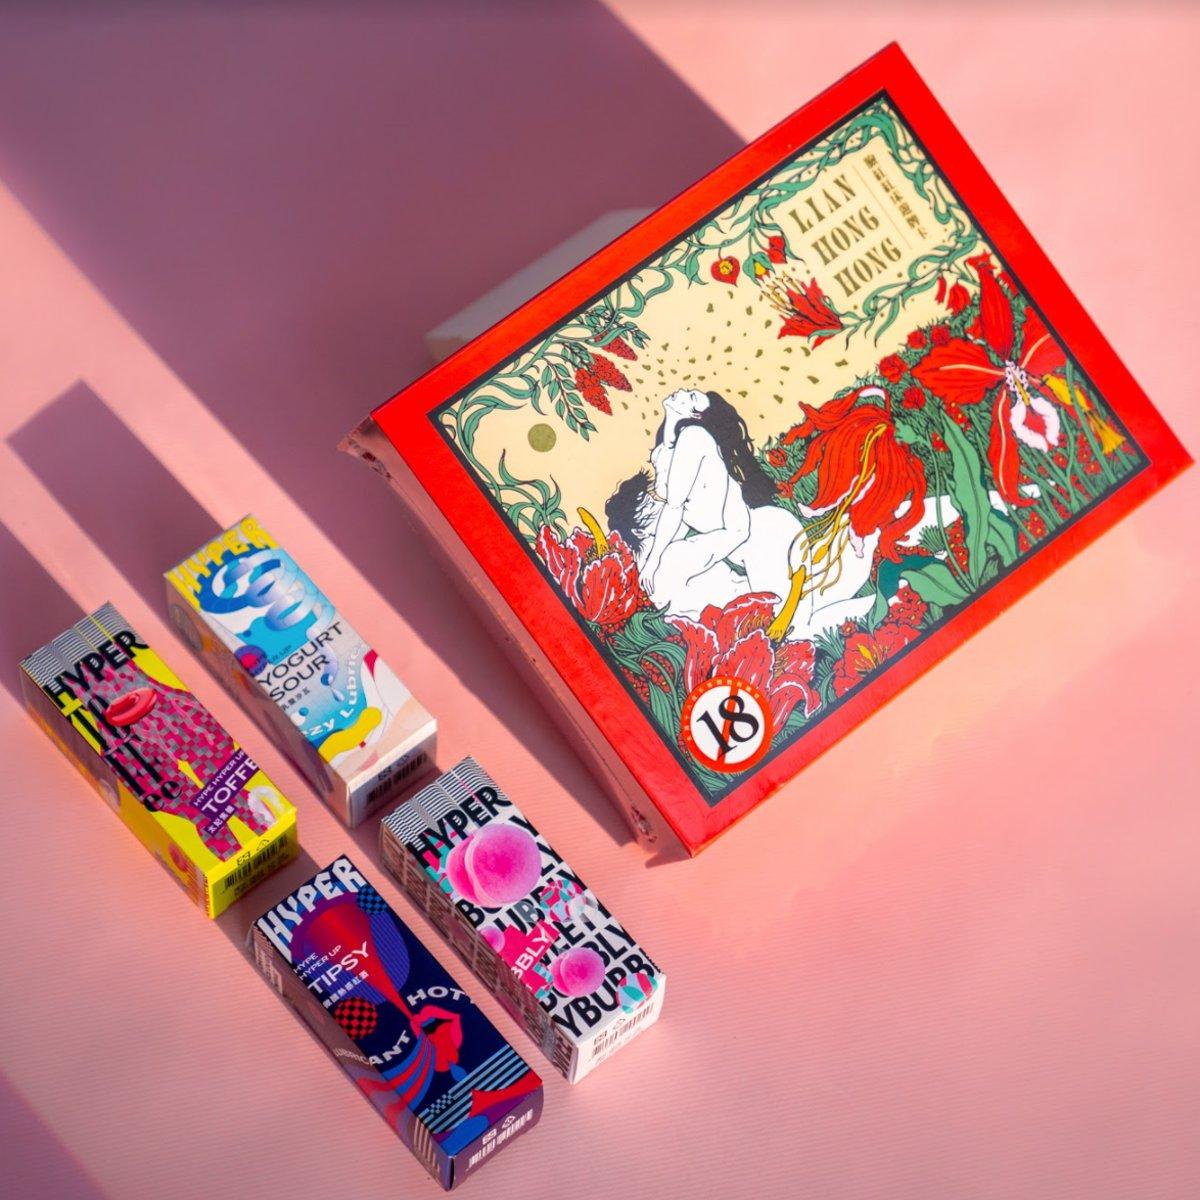 (獨家)臉紅紅床遊卡牌+Haru Hyper 愛愛貪吃鬼潤滑液四入 的圖片